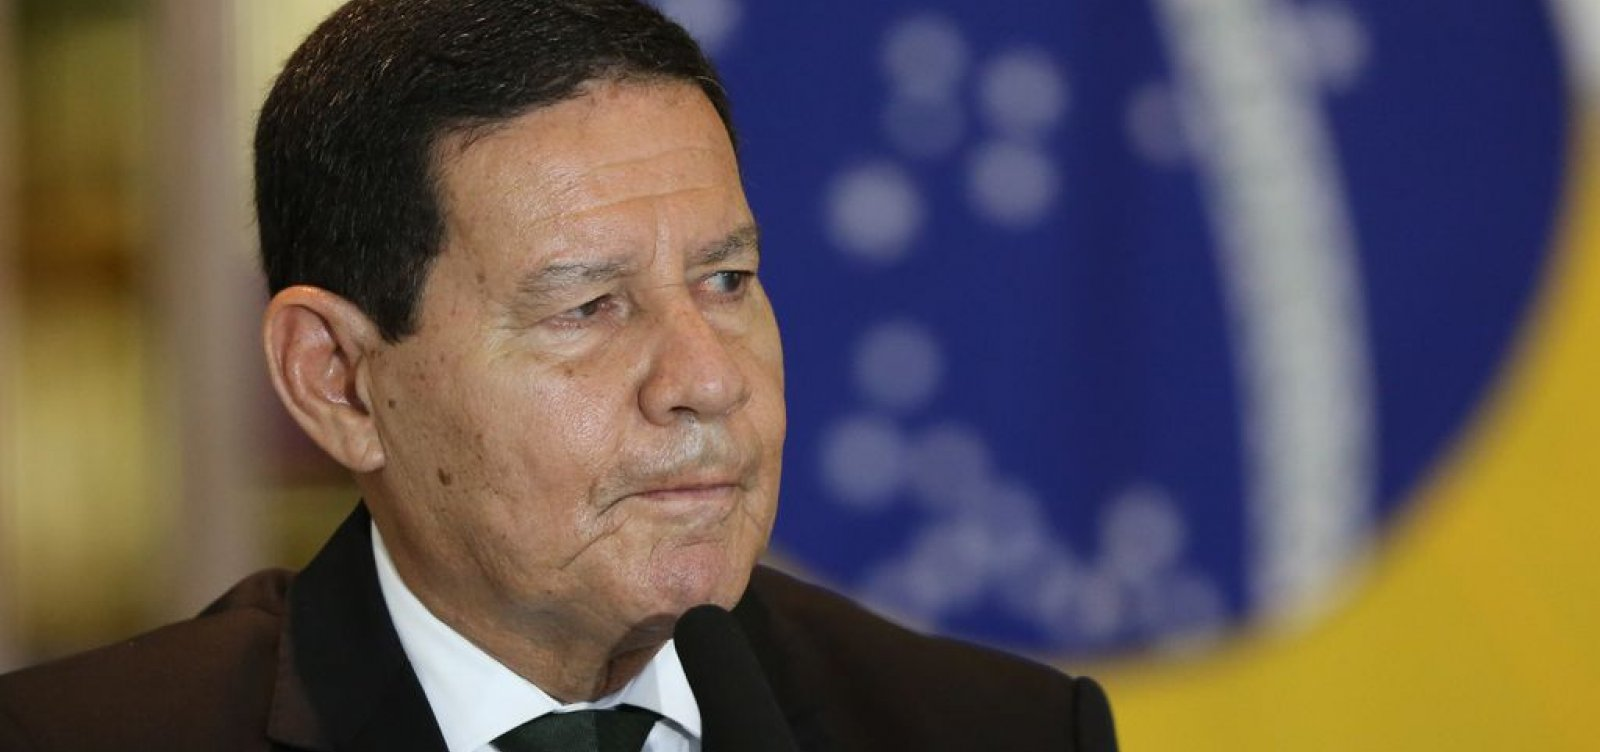 'Não adianta querer impor algo nacional', diz Mourão sobre toque de recolher